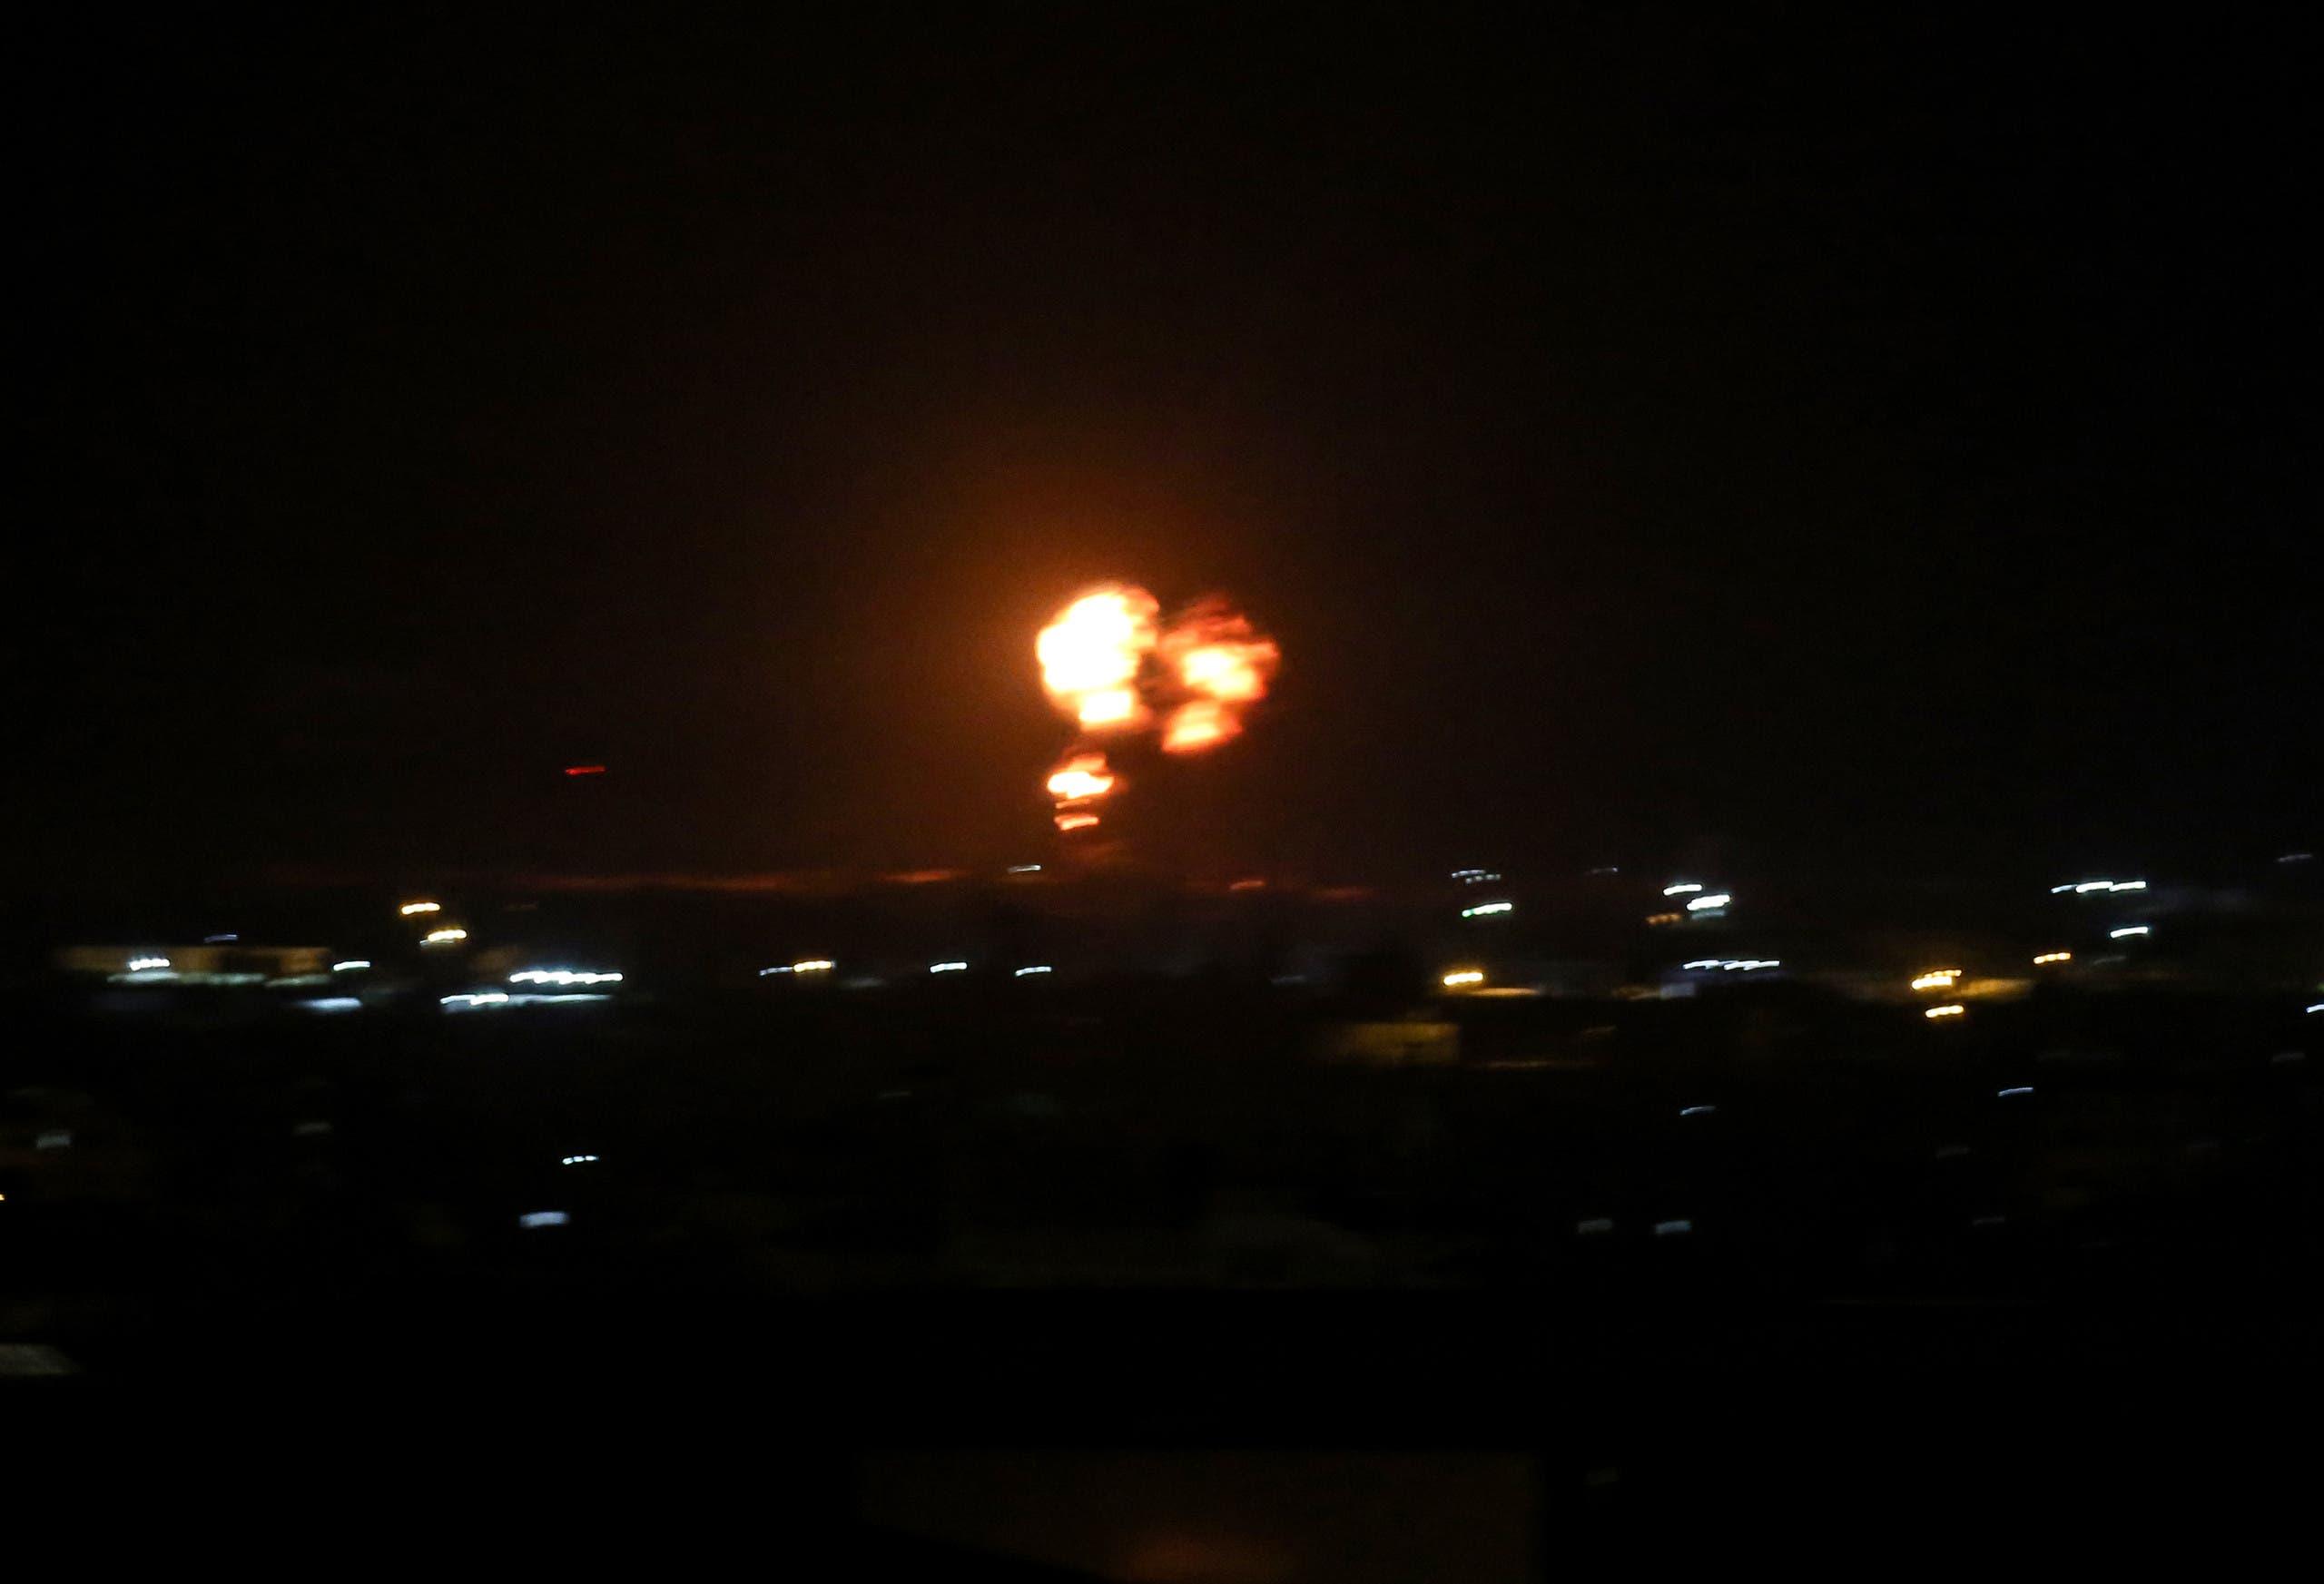 غارات إسرائيلية على غزة في أغسطس الماضي